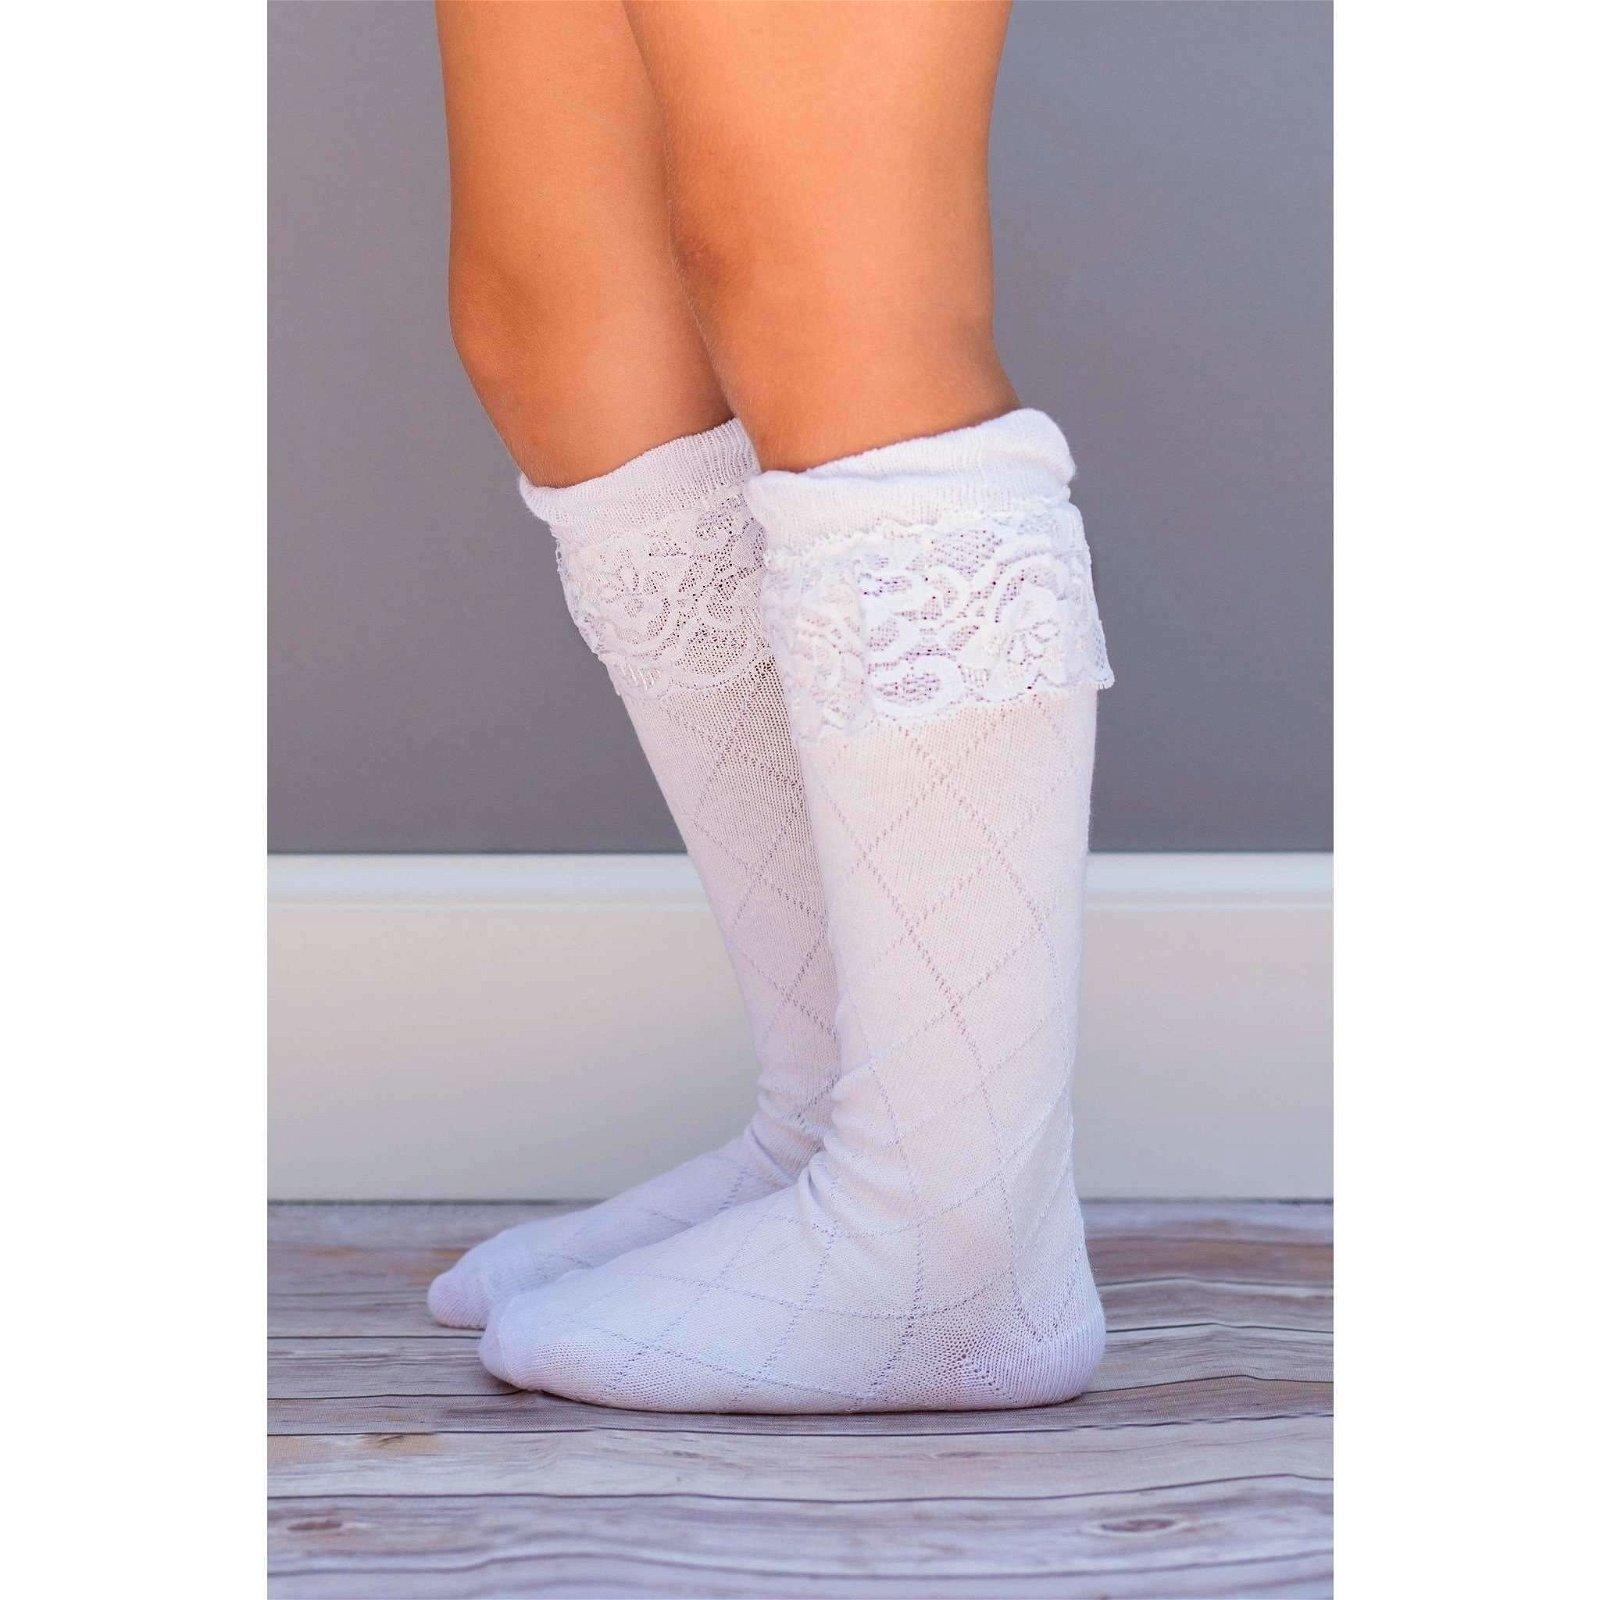 Lace Knee Socks